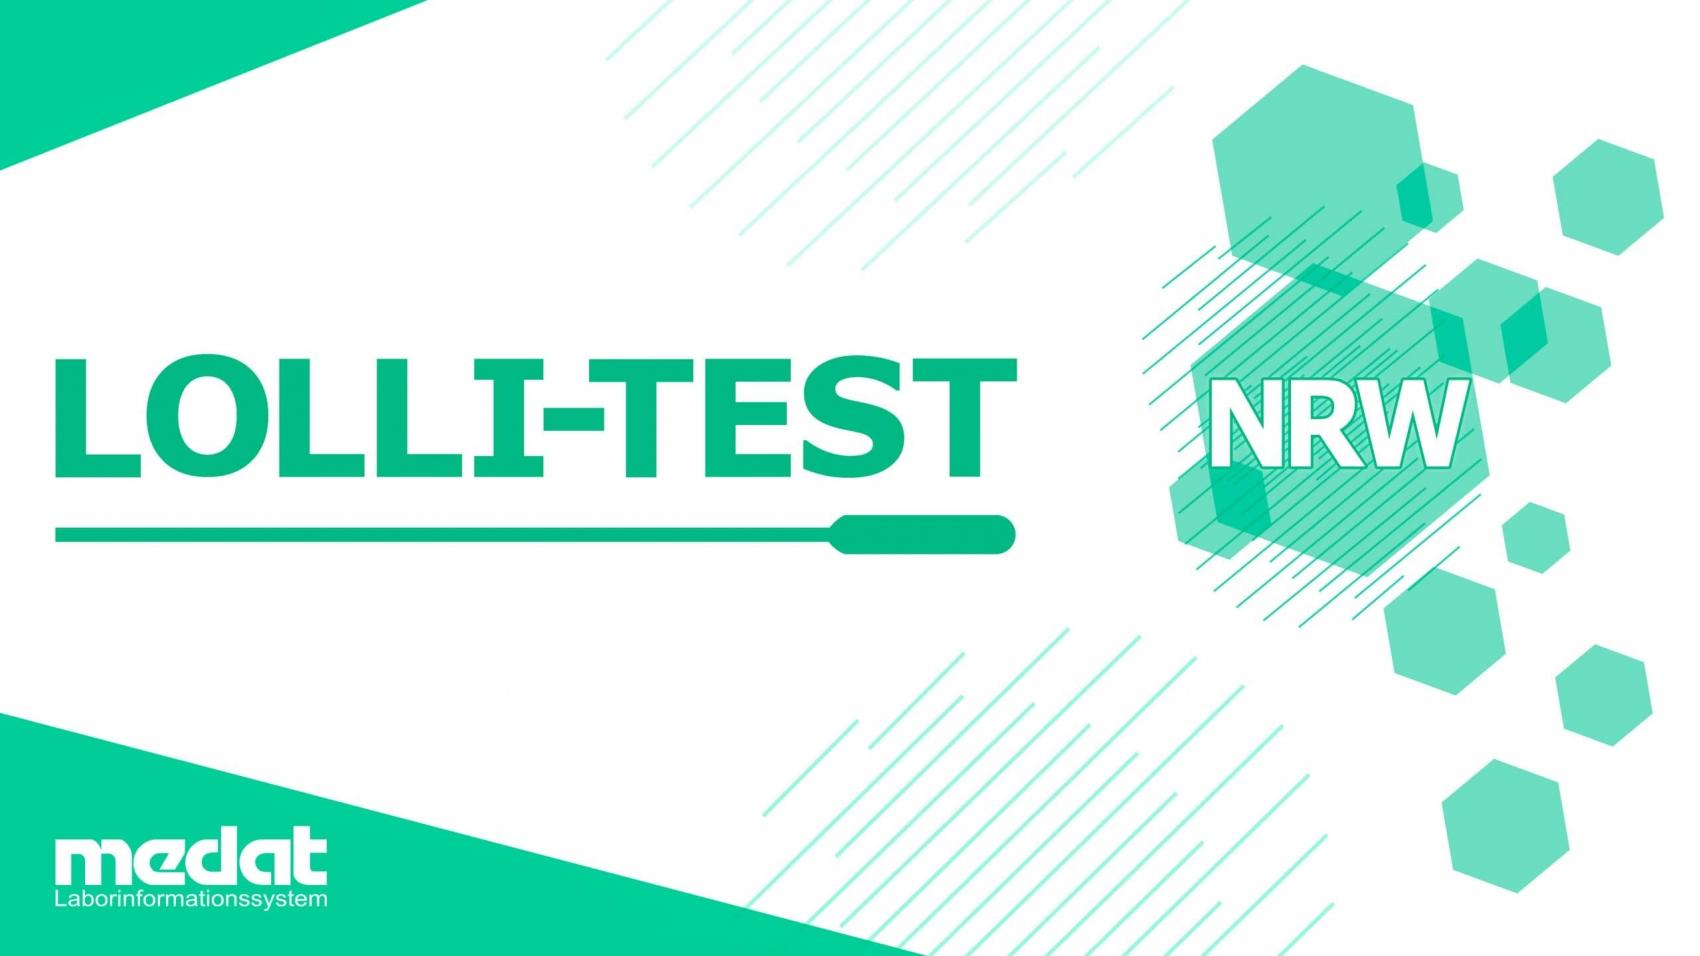 Medat, Laborsoftware Hersteller, testet Schülerinnen und Schüler mit Lolli-Test auf Corona in NRW